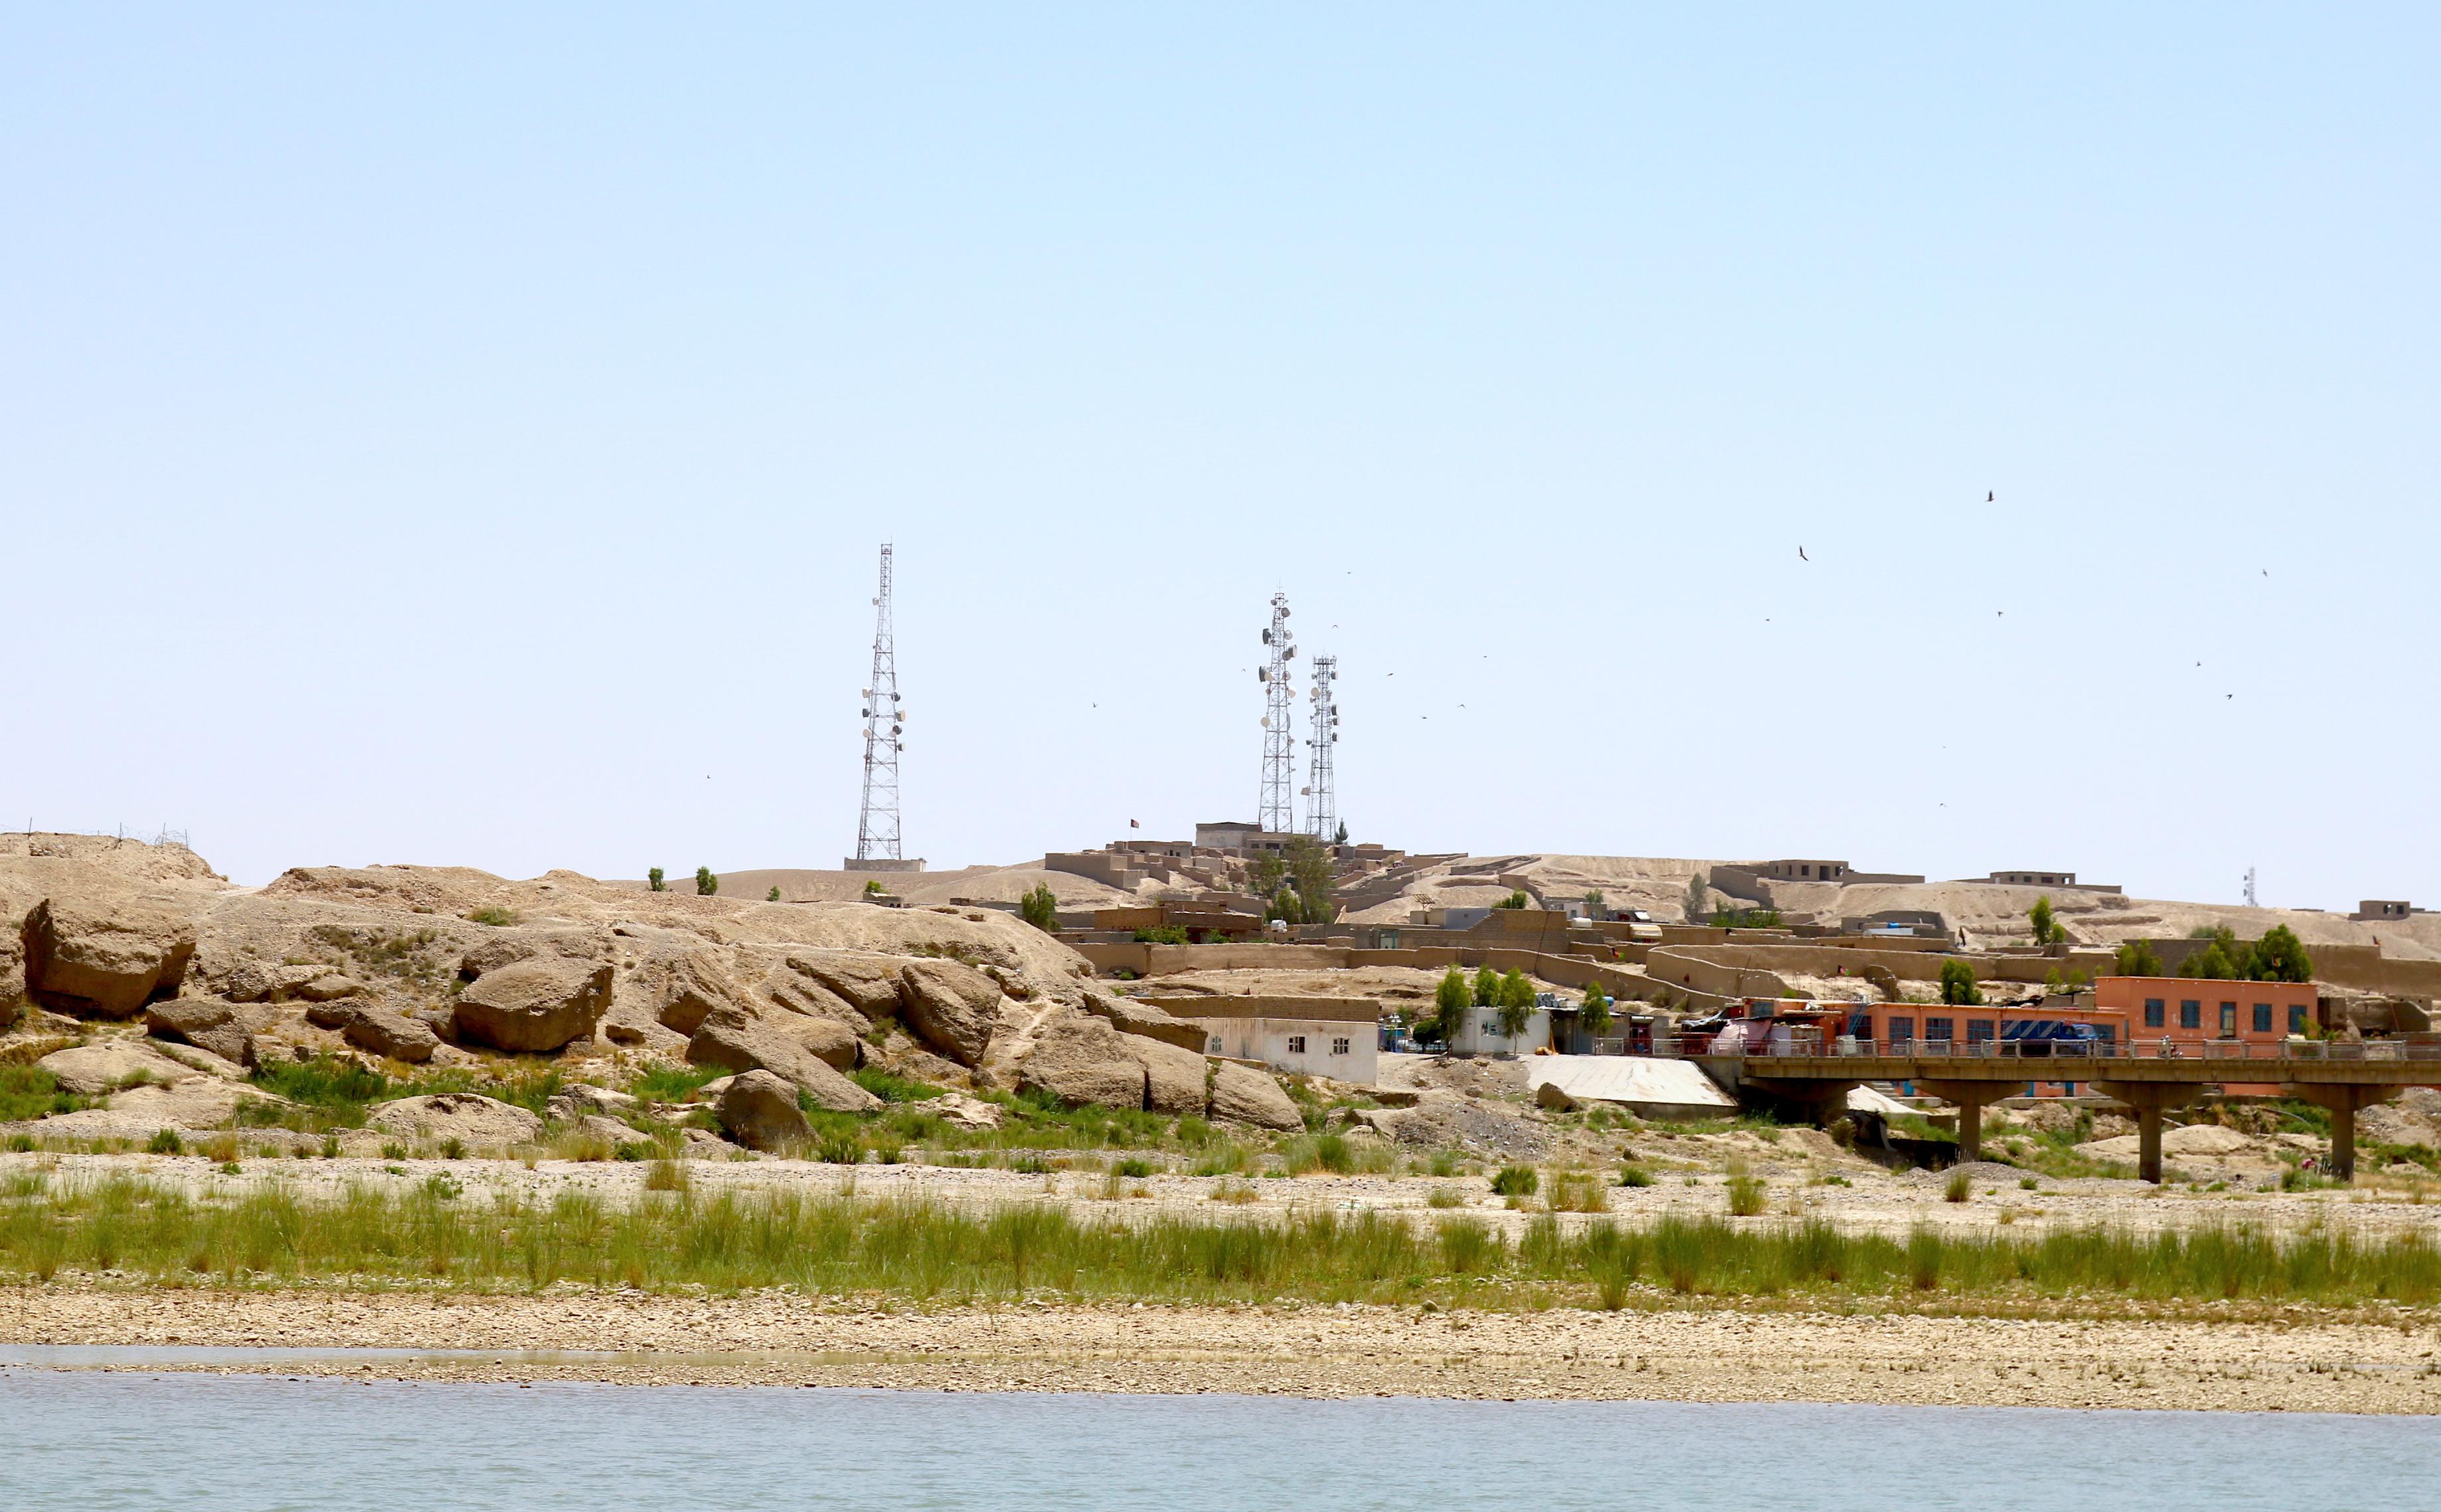 پس از قطع خدمات مخابراتی در هلمند از سوی طالبان، حکومت وارد عمل شده است